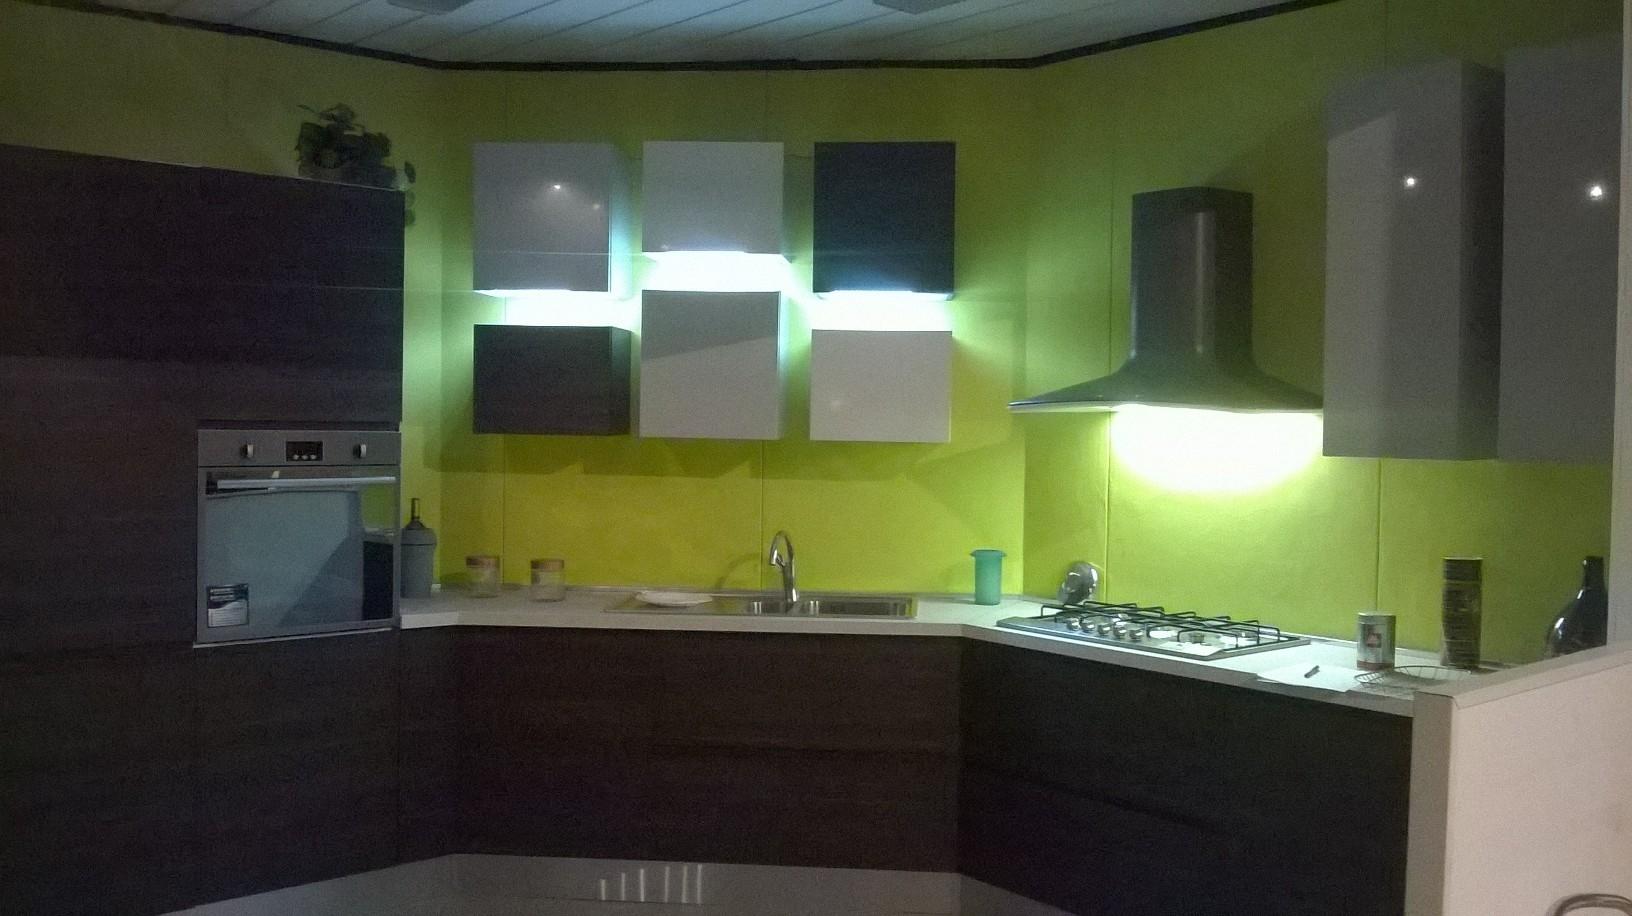 Cucine in offerta essebi scontata del 55 cucine a - Cucina incassata ...